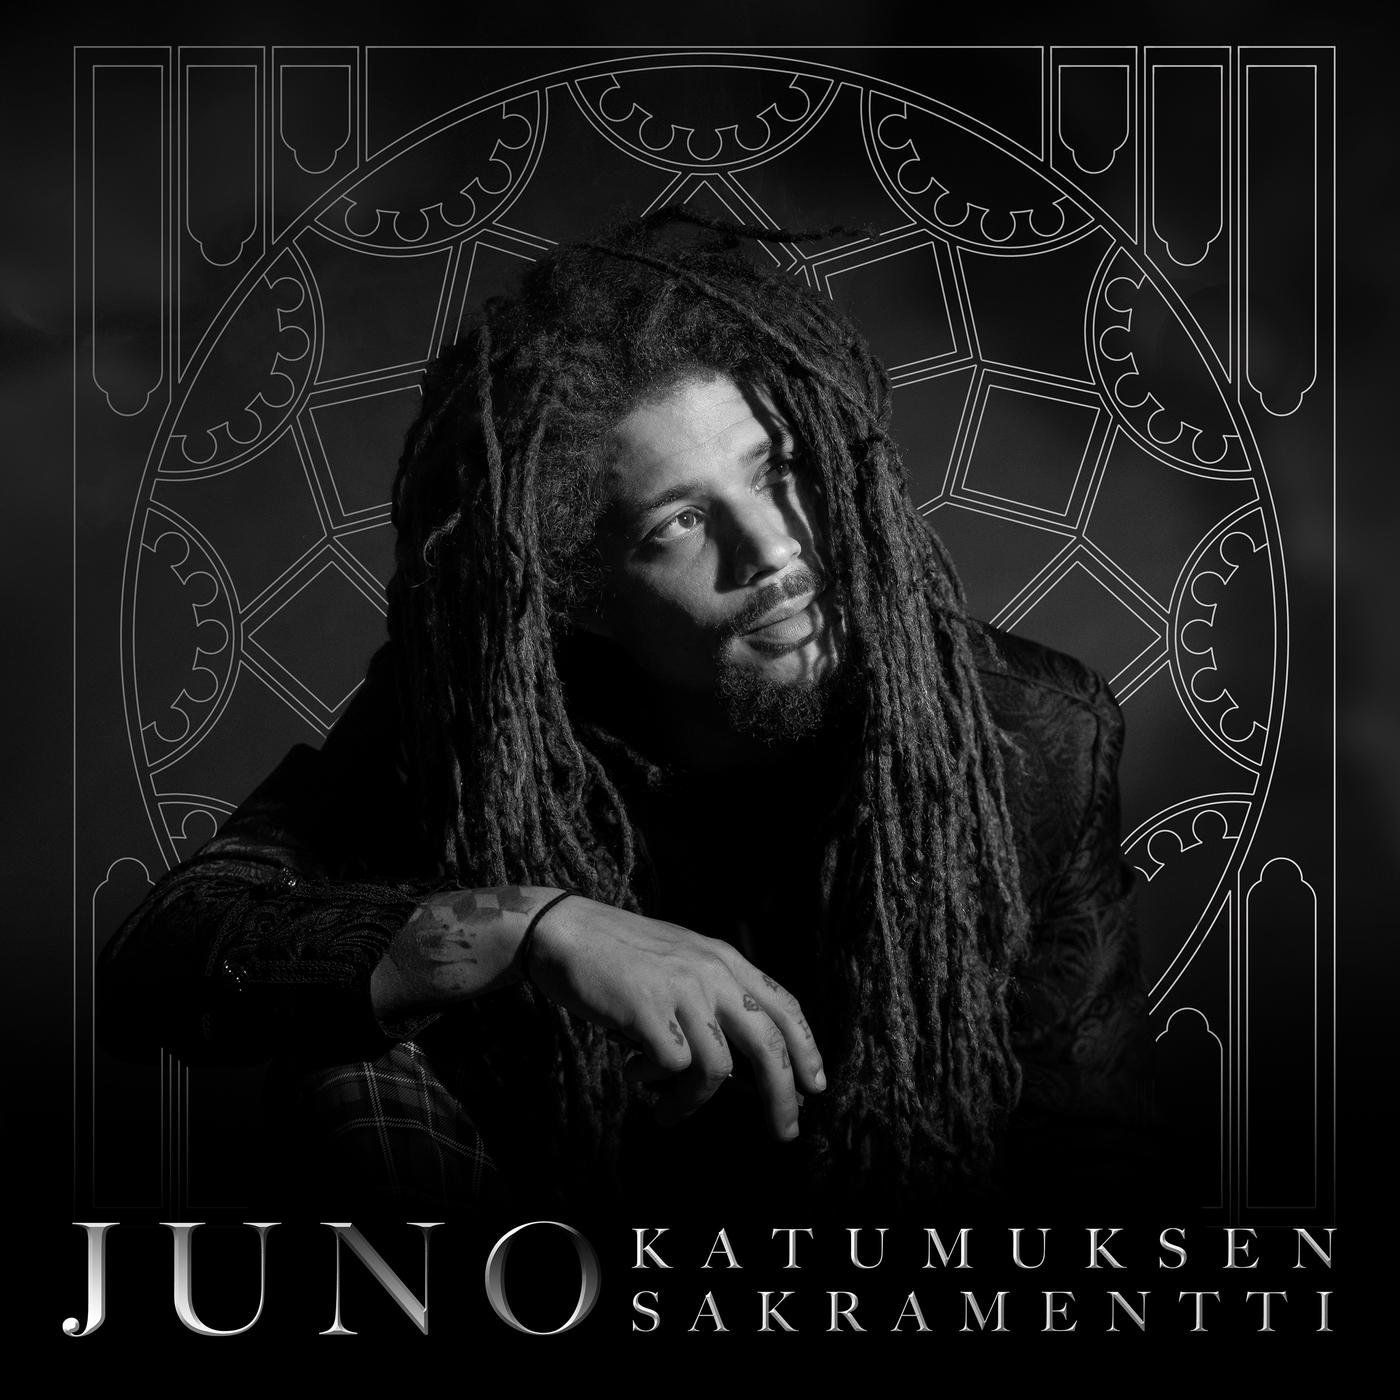 Katumuksen sakramentti - Juno